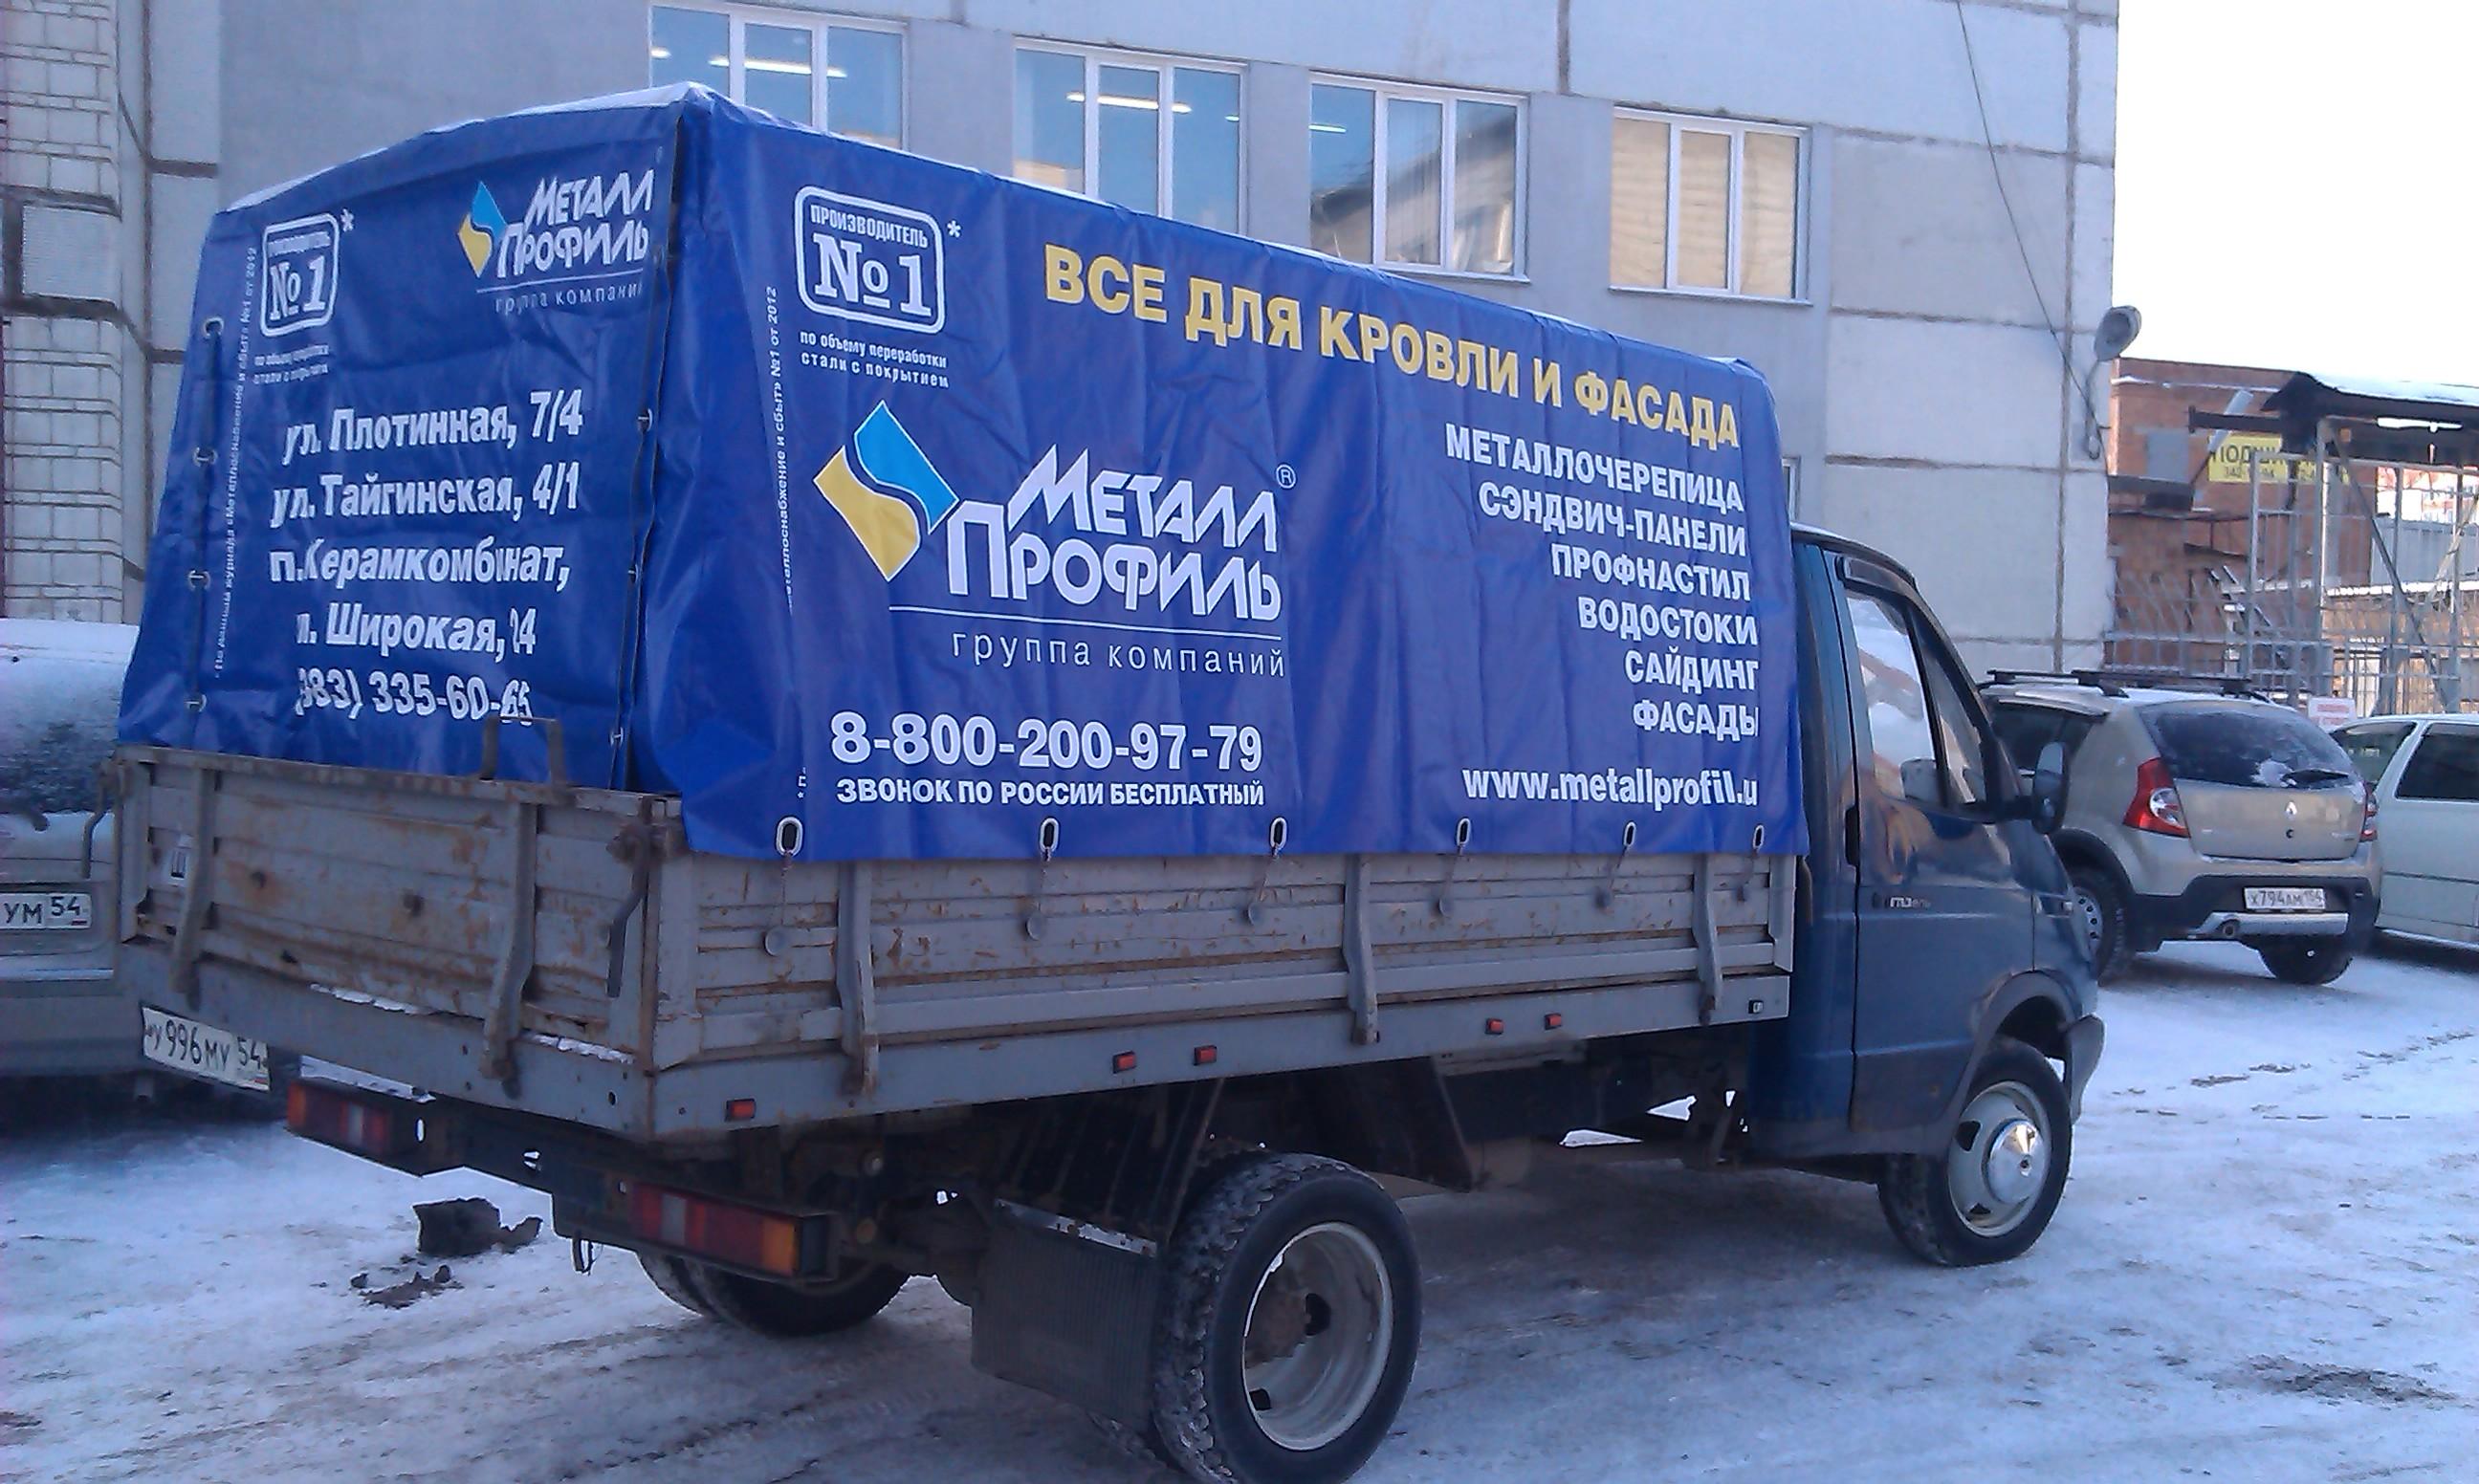 реклама на тентах грузовых газелей